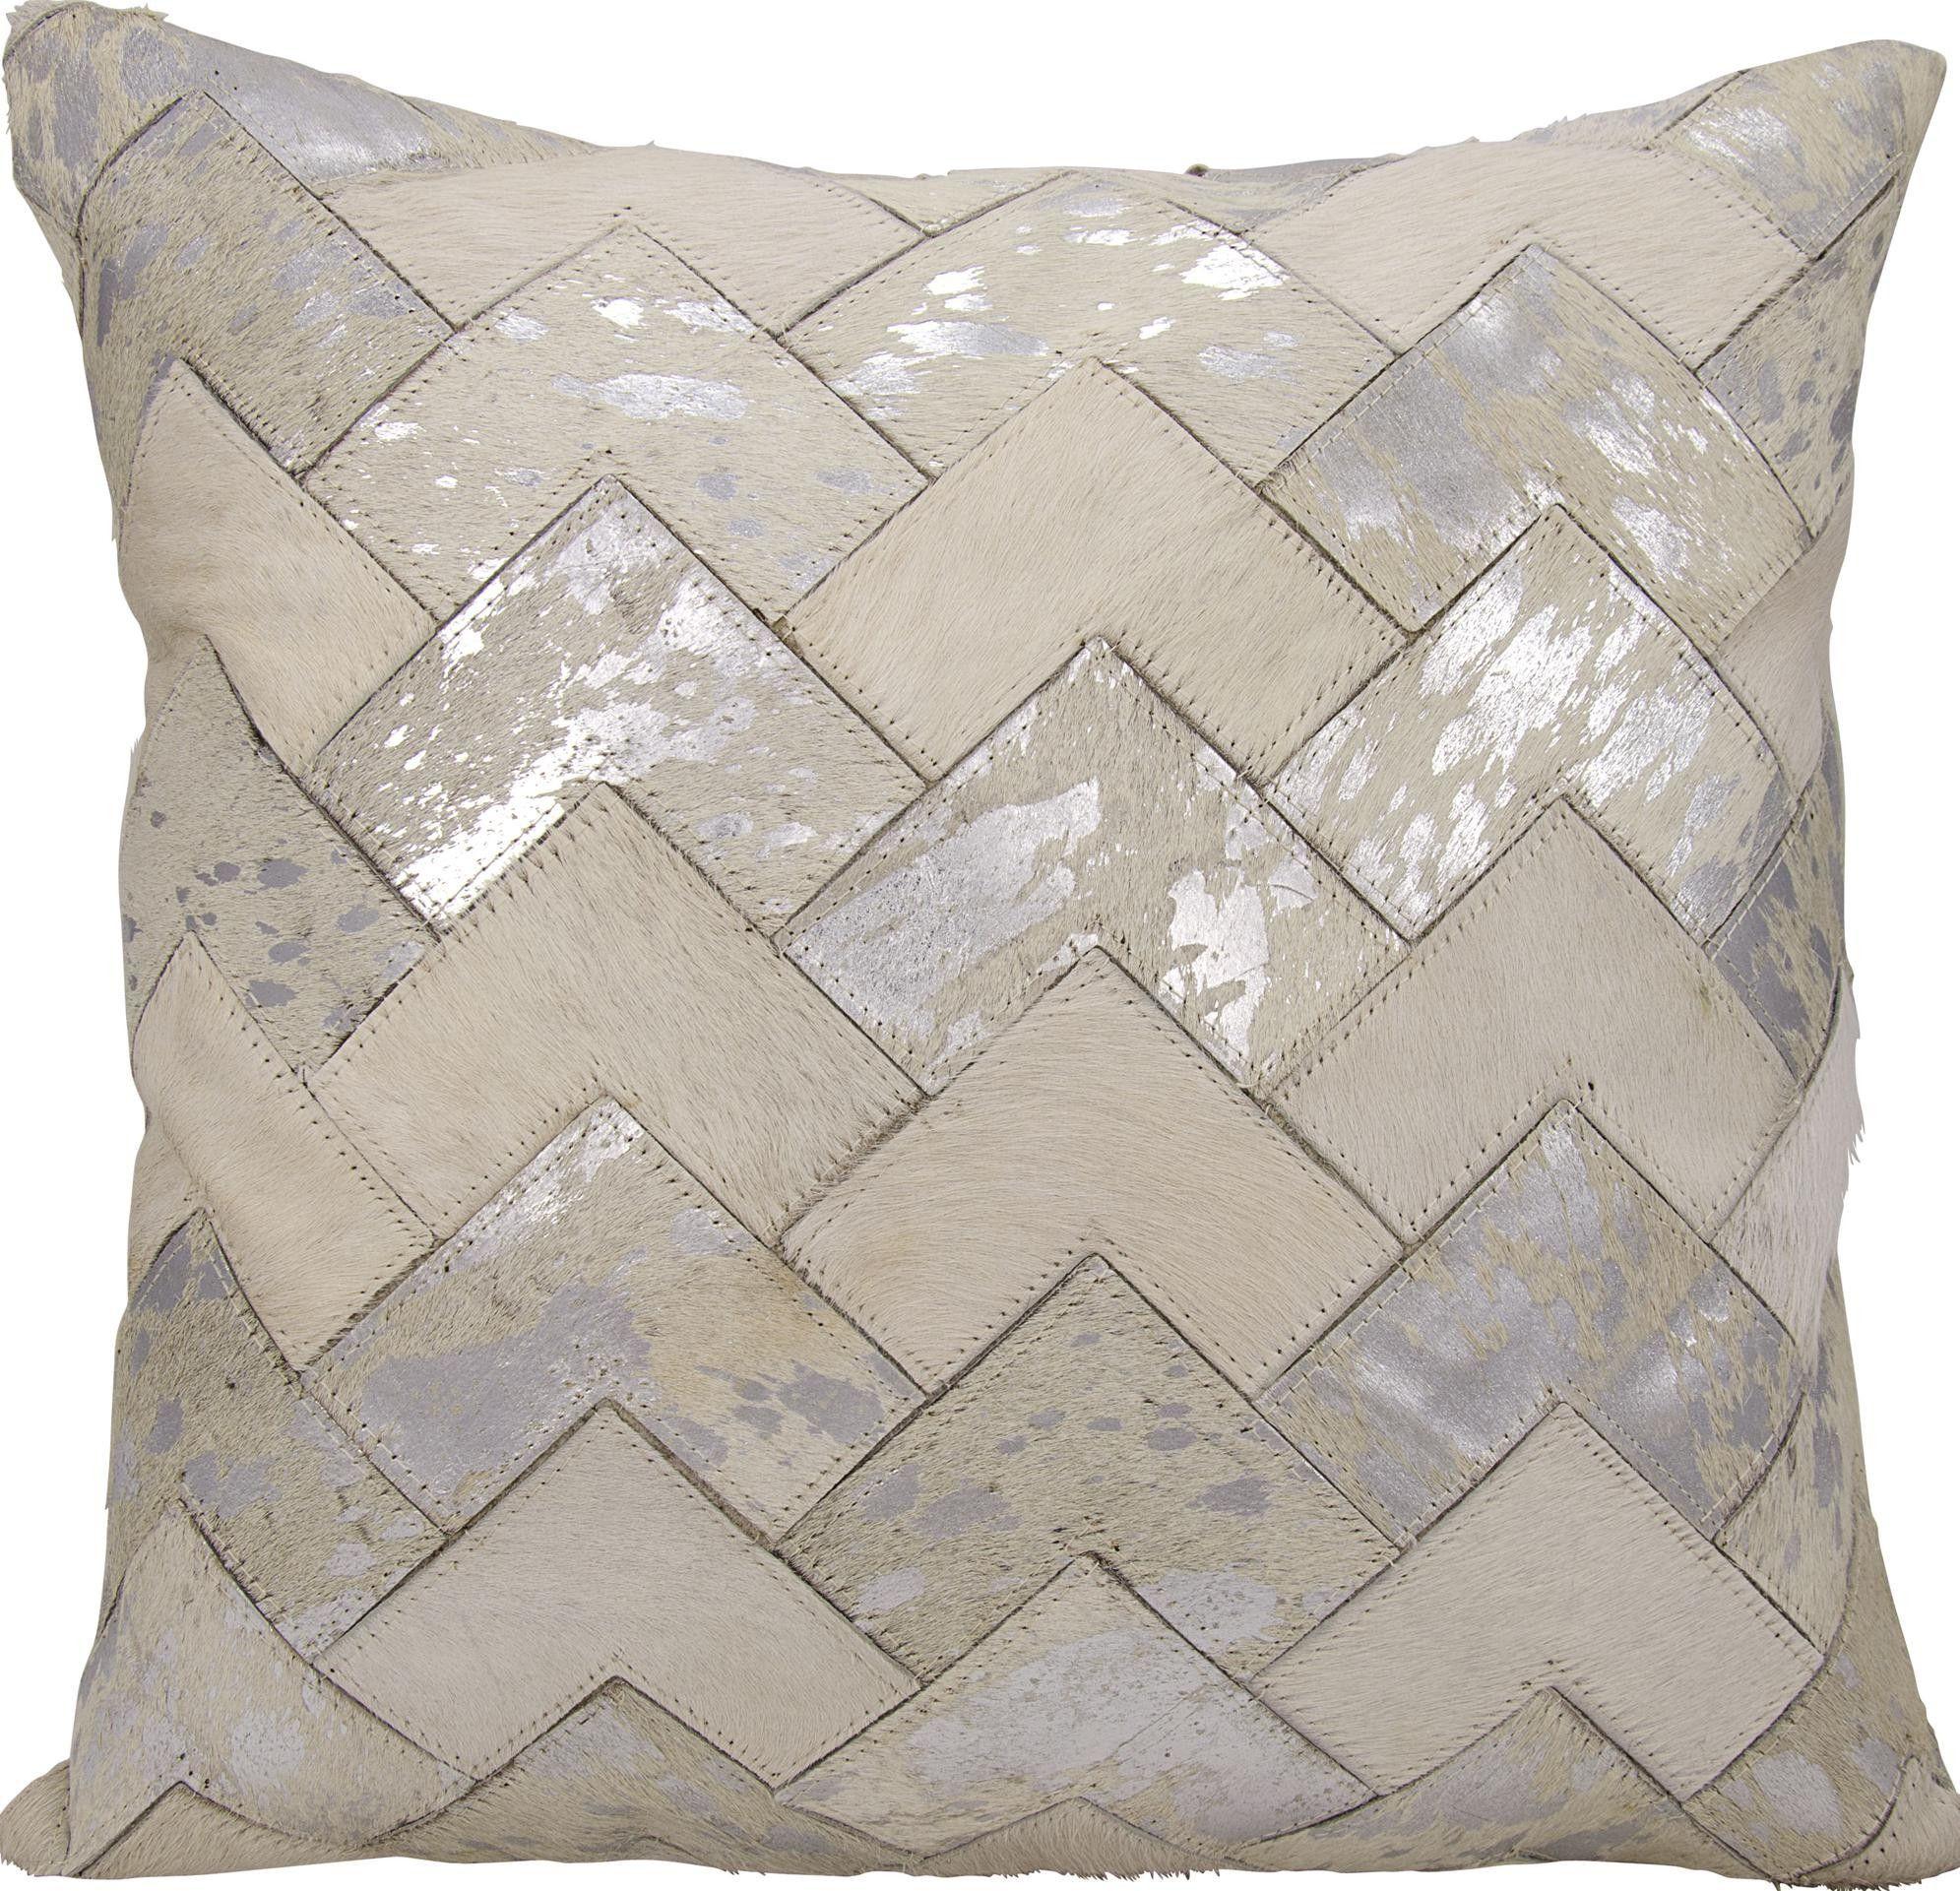 Carentan Throw Pillow Throw Pillows Decorative Pillows Pillows